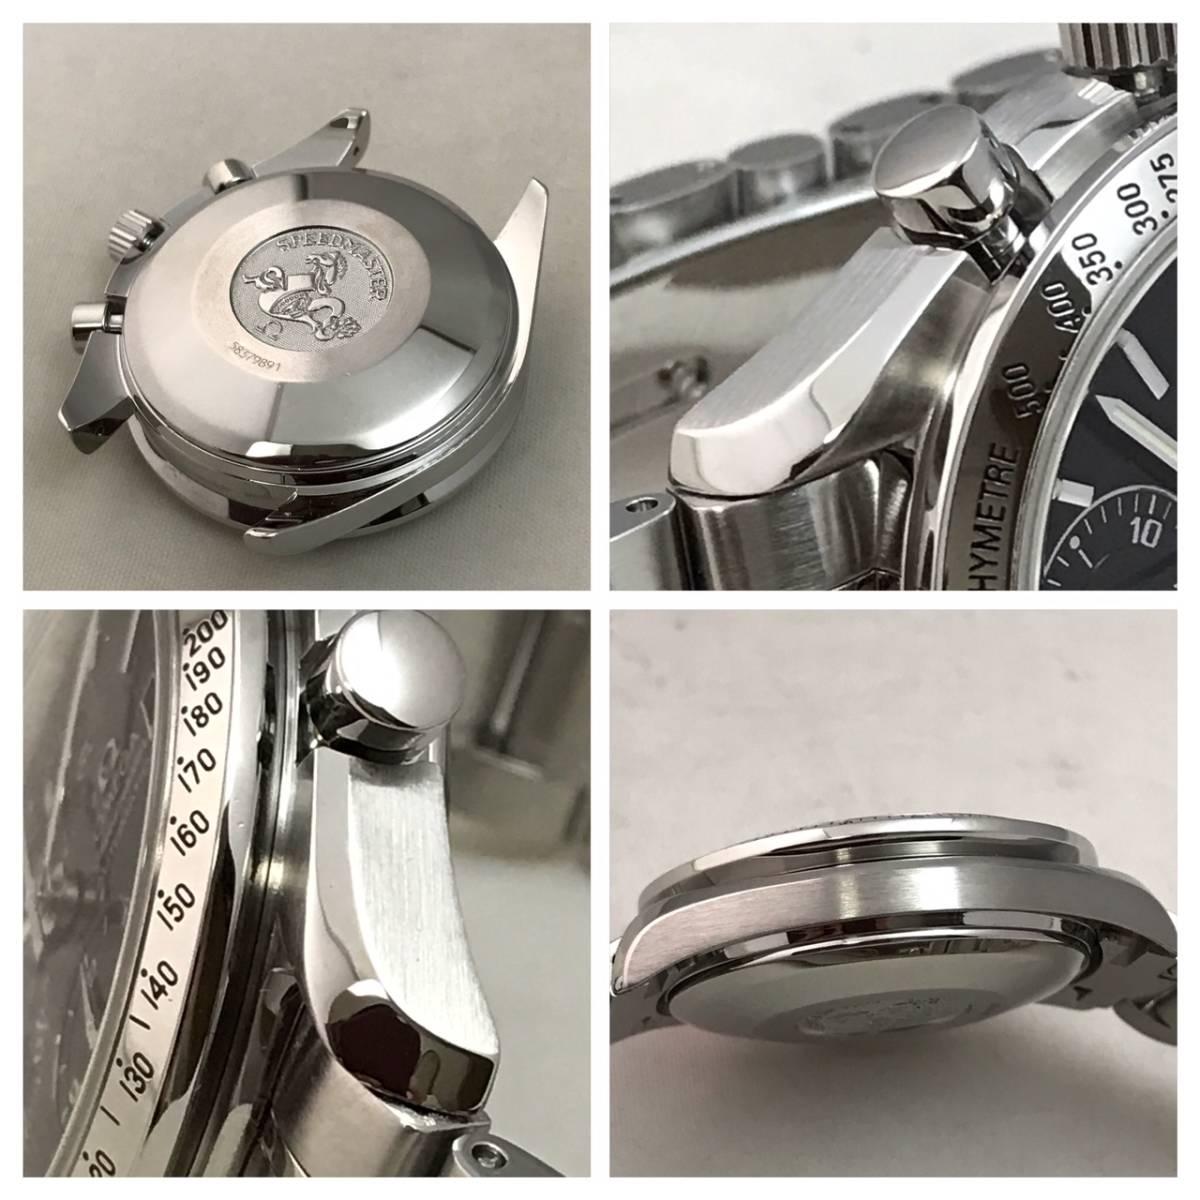 付属品全部付き☆美品のオメガスピードマスター時計☆自動巻き3513-50☆_画像7